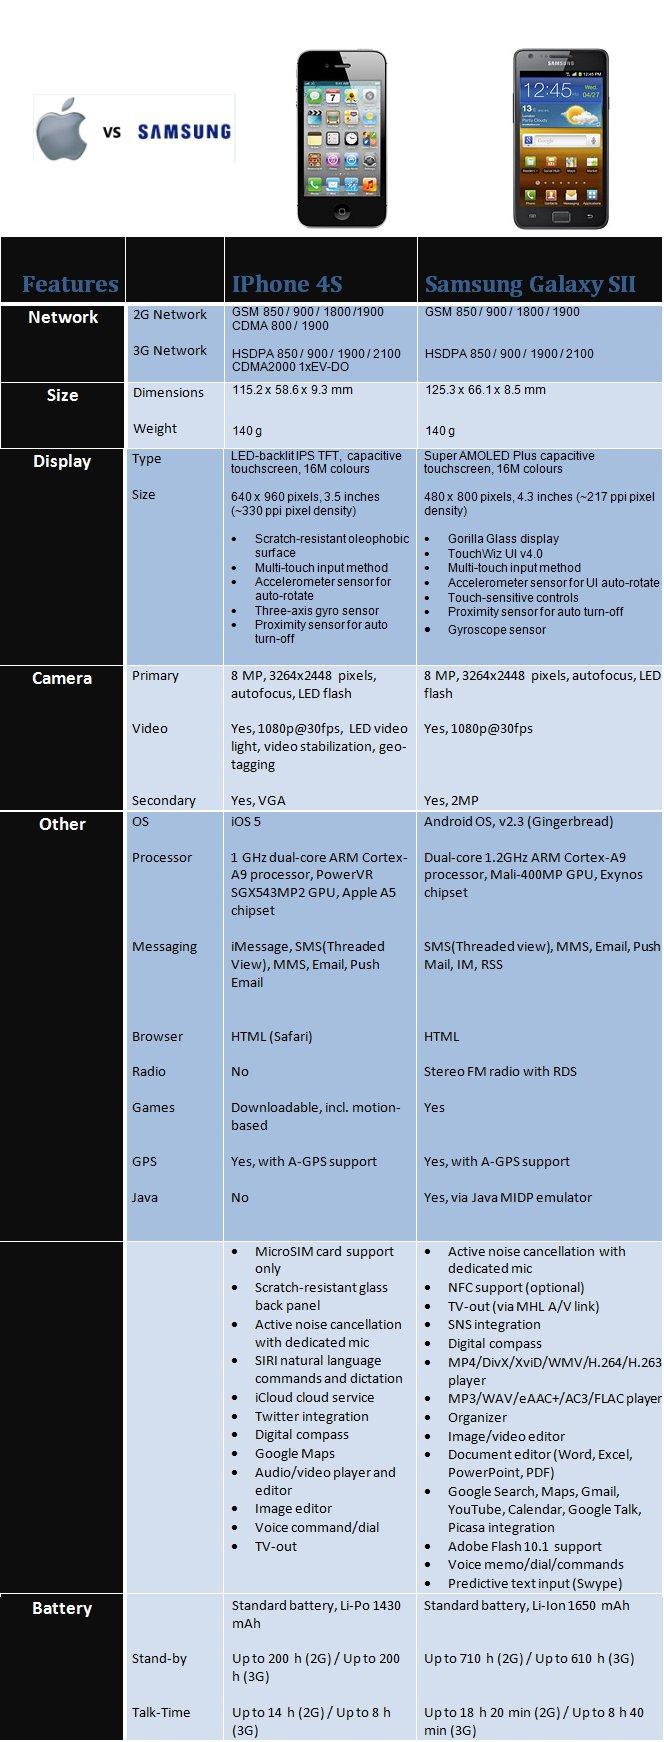 Tabella comparativa tra iPhone 4S e Samsung Galaxy S2